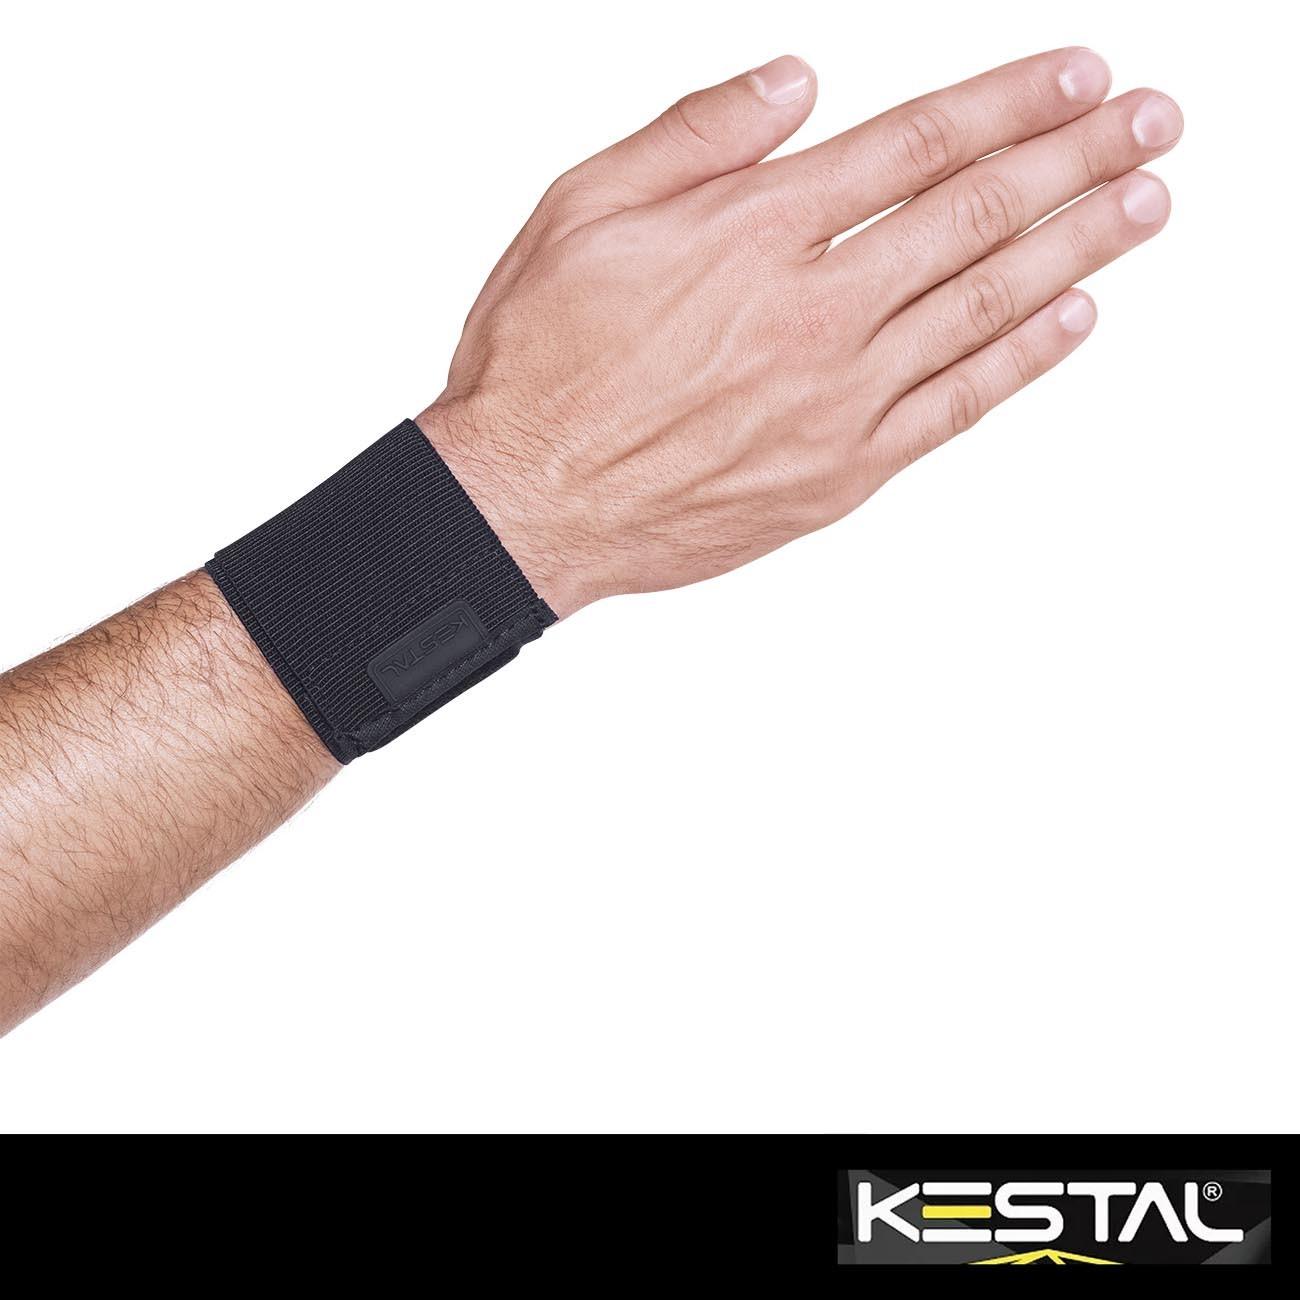 Munhequeira Elástica Ajustável PAR (KSN064) - Kestal